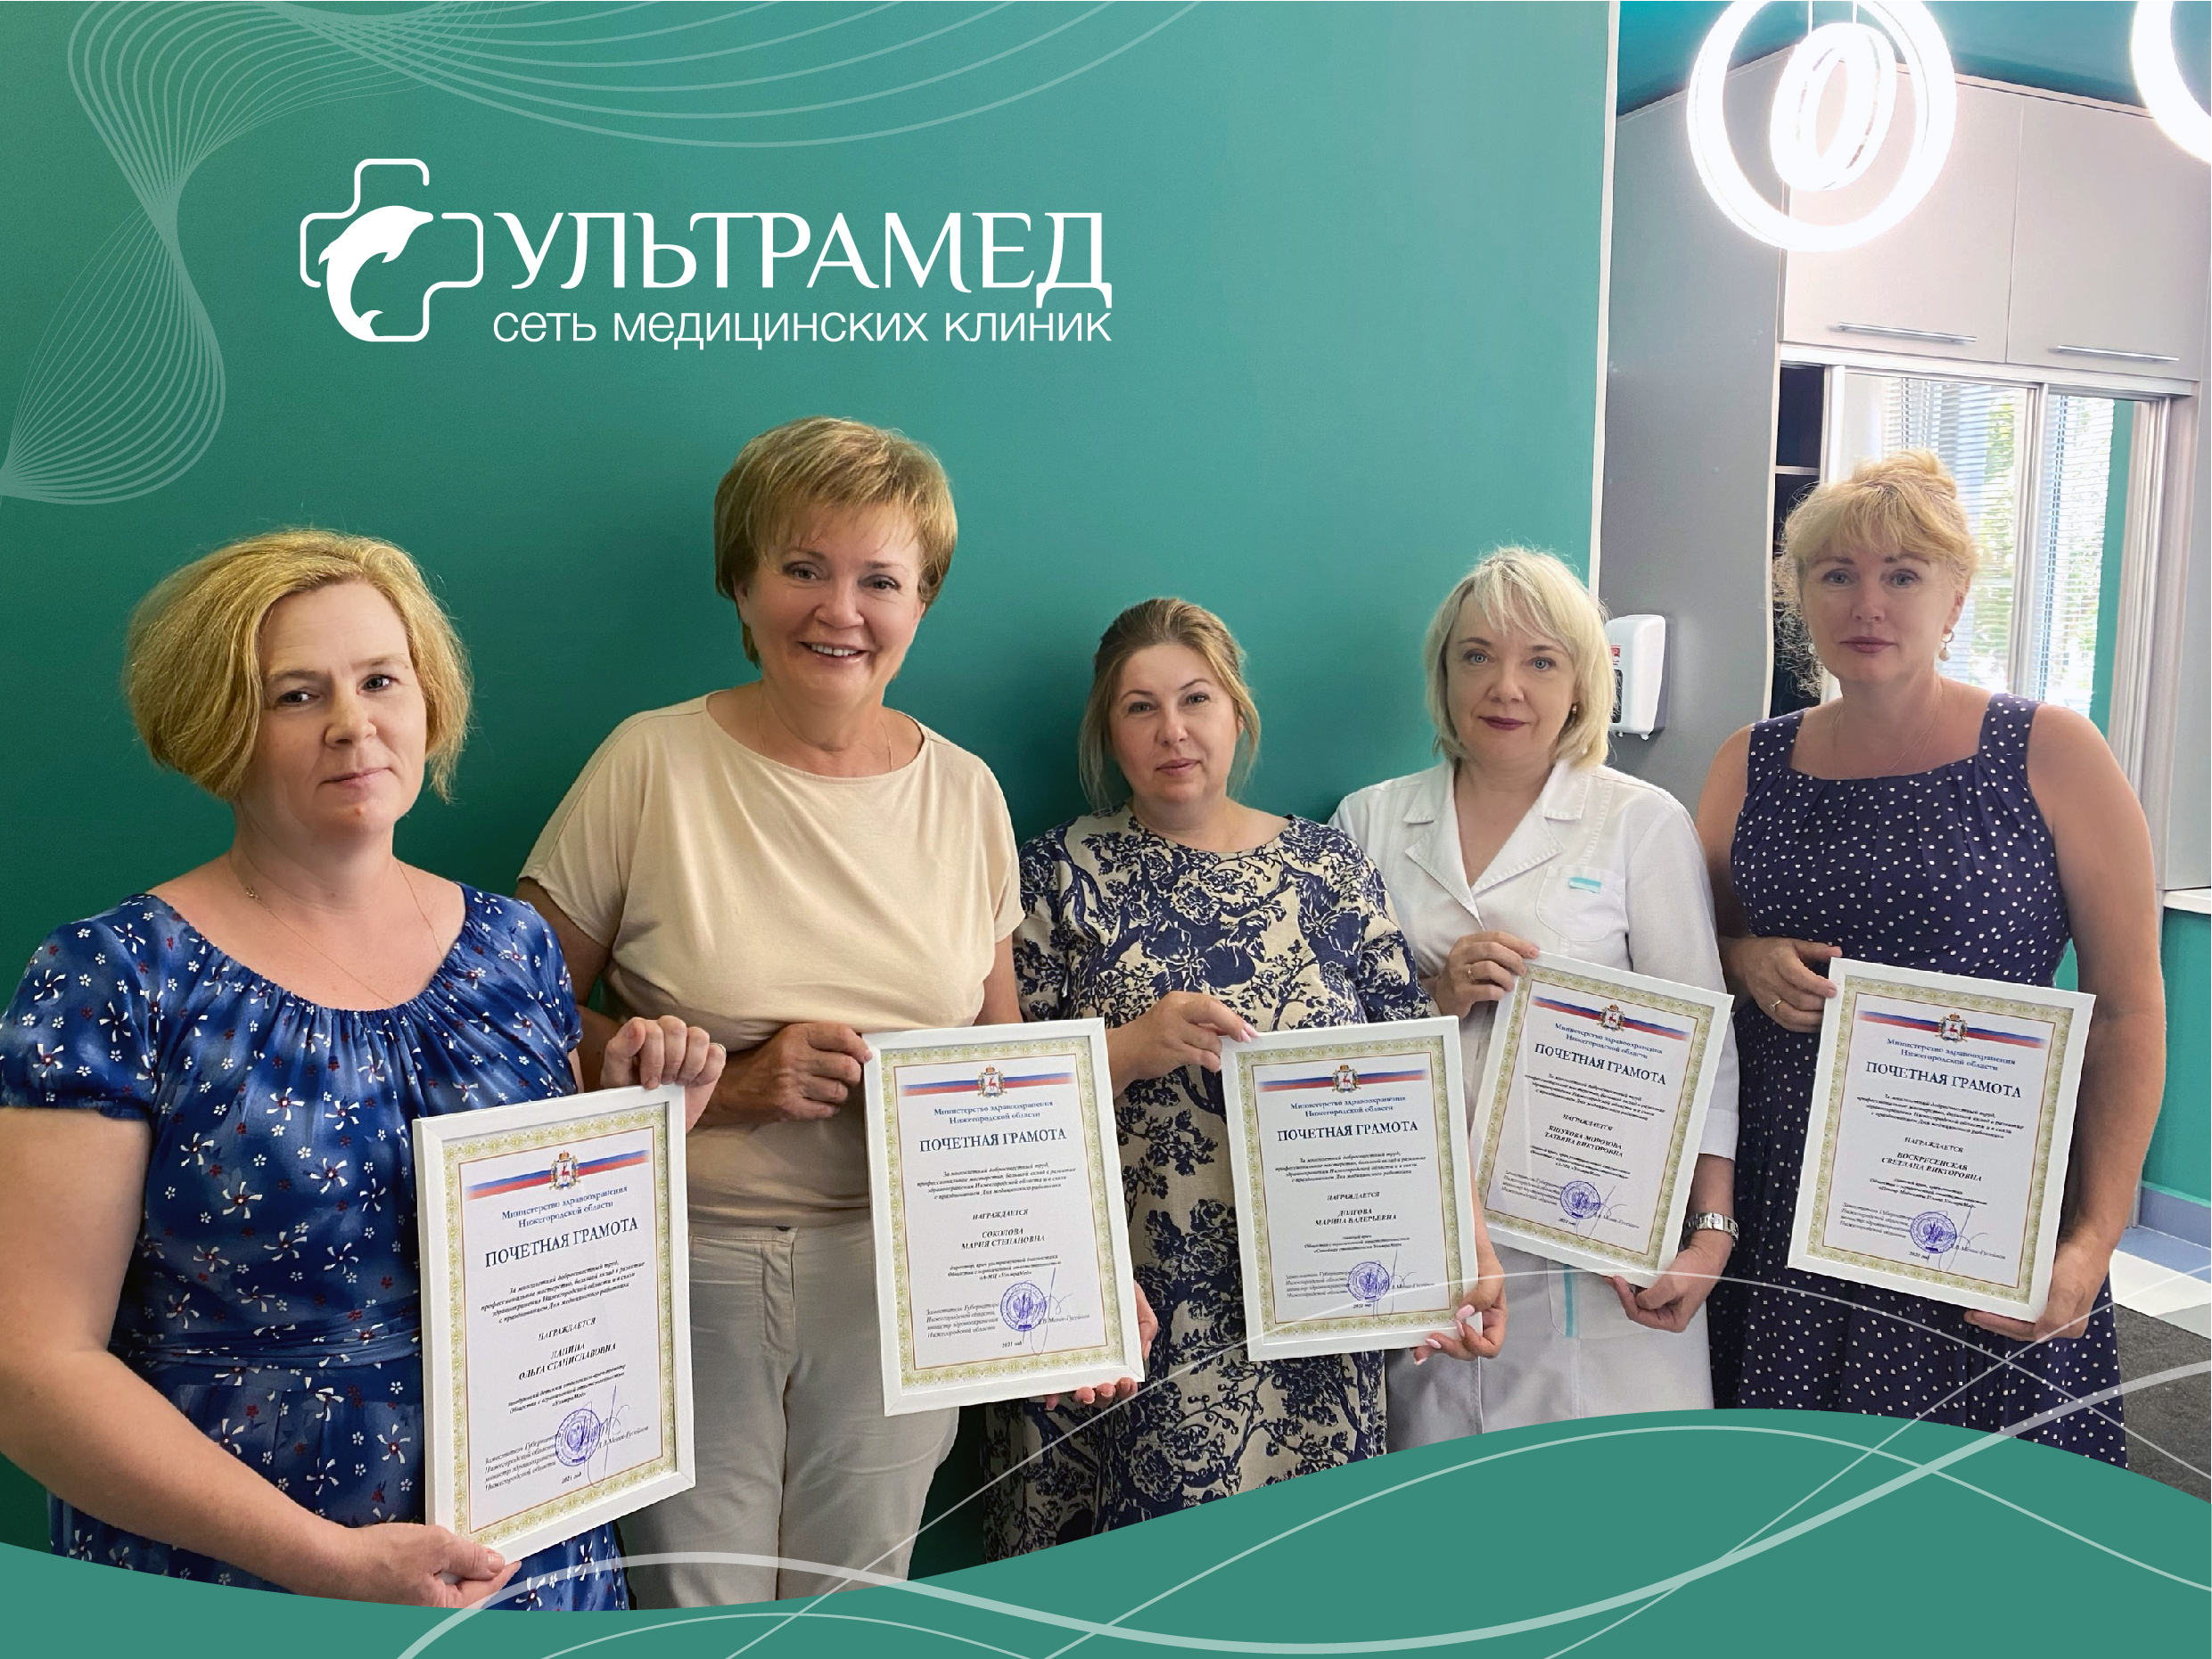 Врачи сети клиник «УльтраМед» награждены Почетными грамотами министерства здравоохранения Нижегородской области